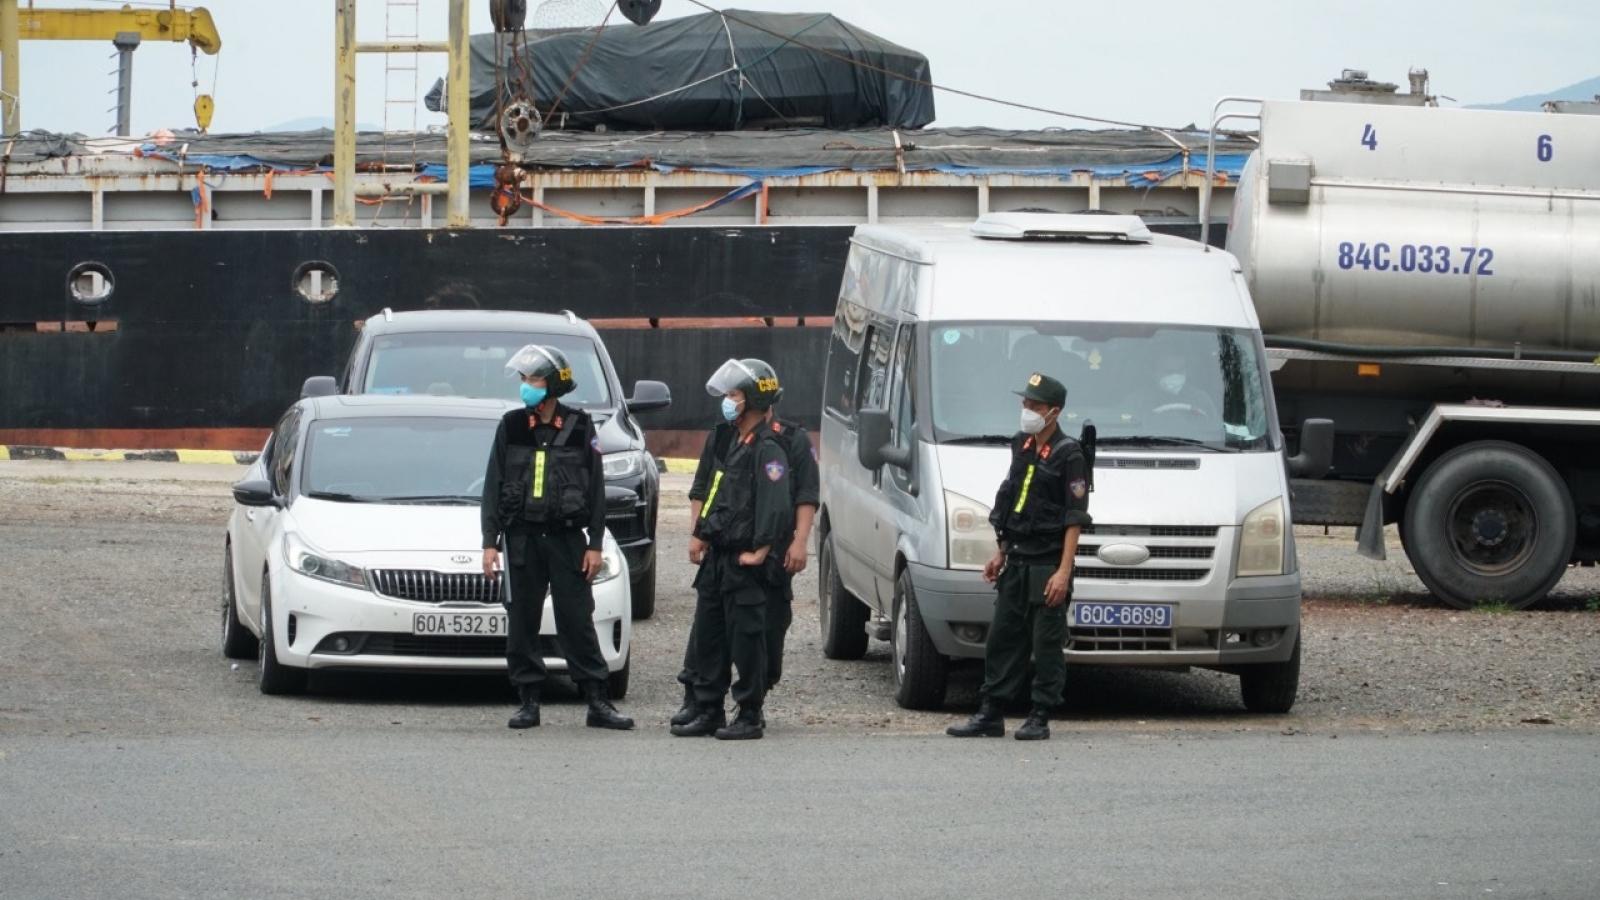 Khởi tố, bắt tạm giam Giám đốc Công ty TNHH Hà Lộc liên quan đường dây xăng lậu, xăng giả